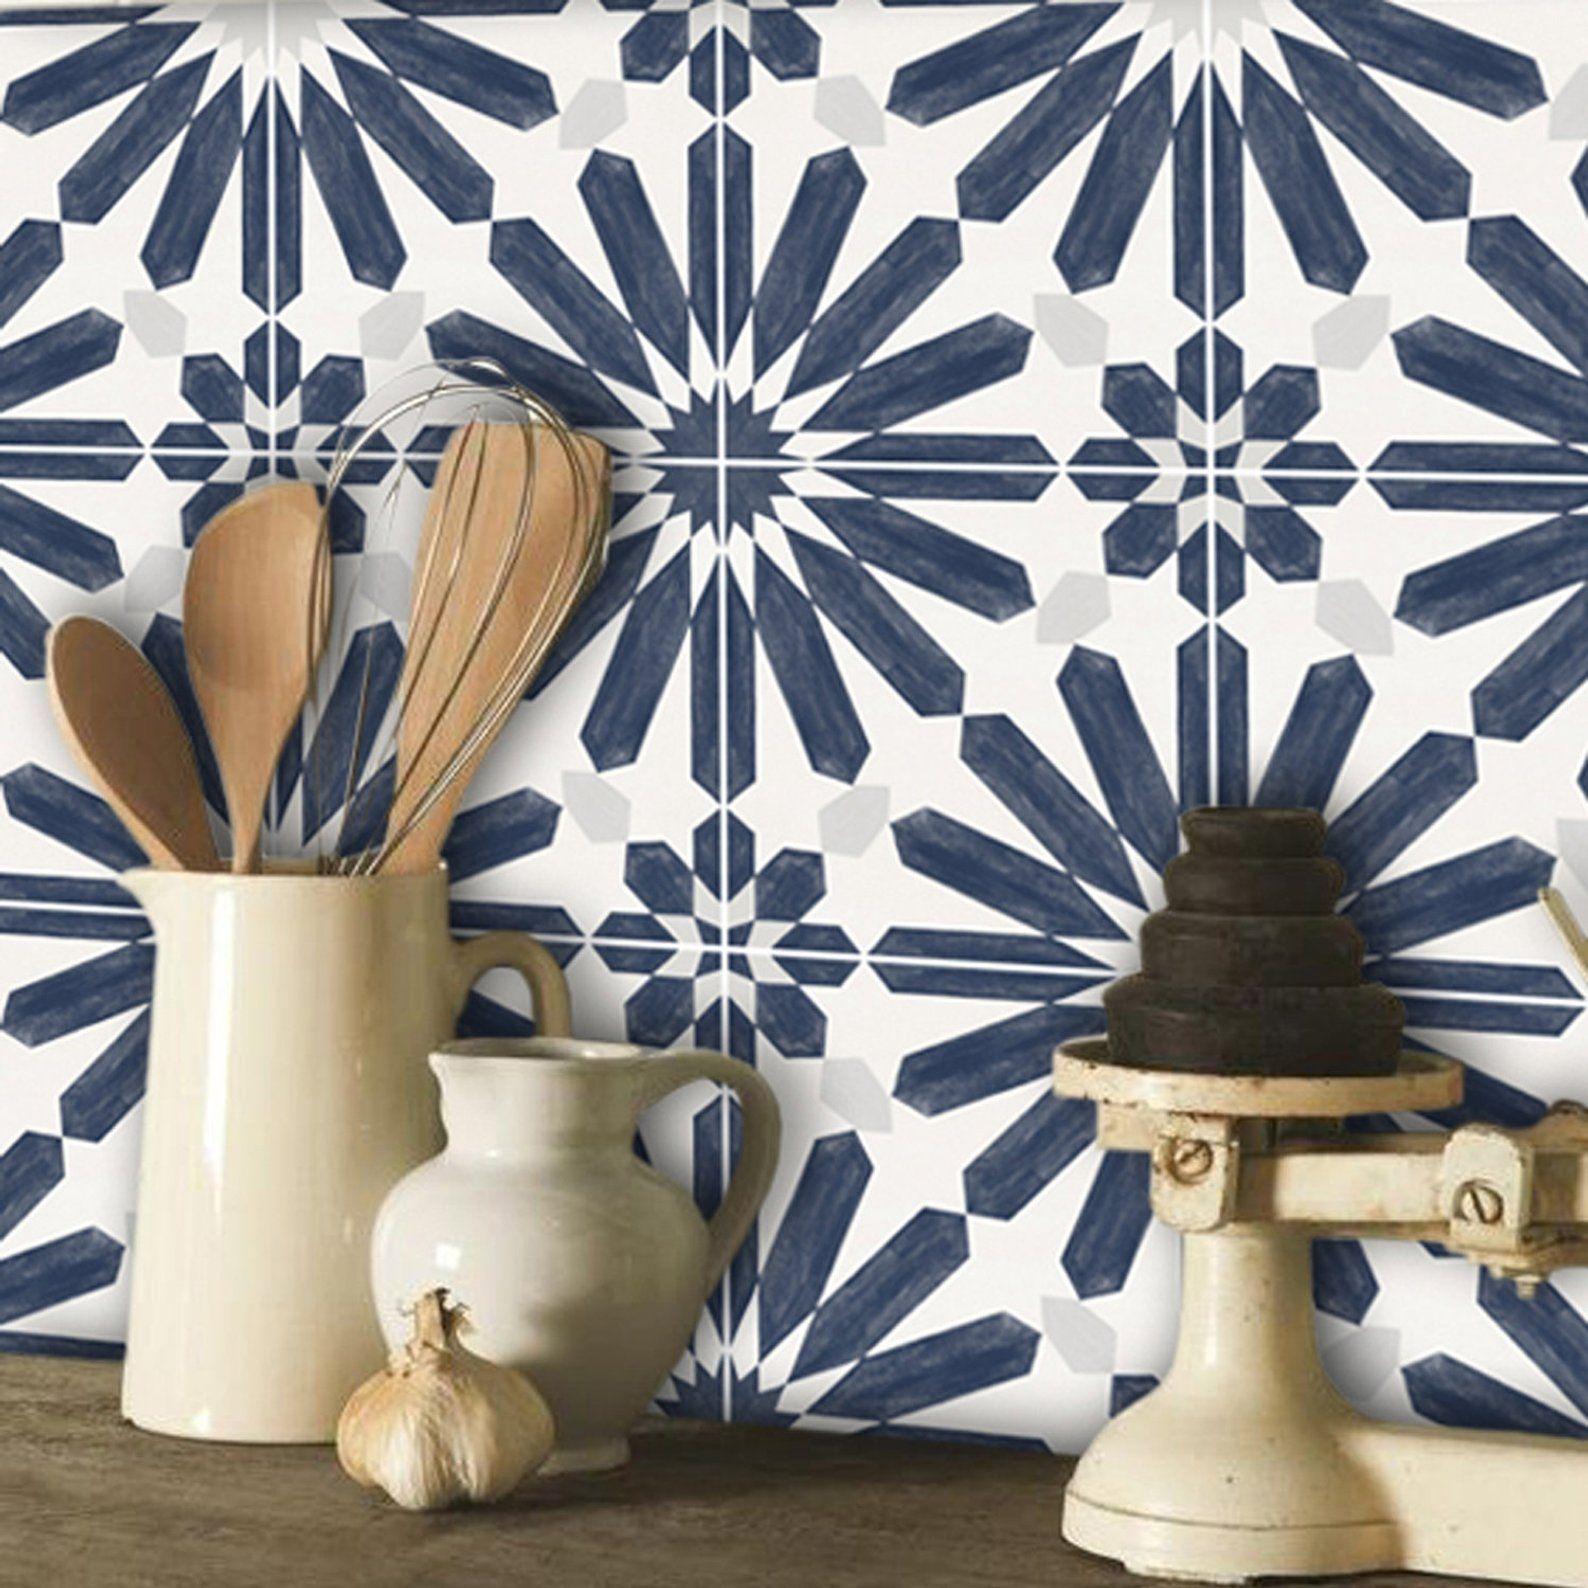 Astuce Pour Décoller Du Papier Peint papier peint amovible décor faïence stellino bleu encre